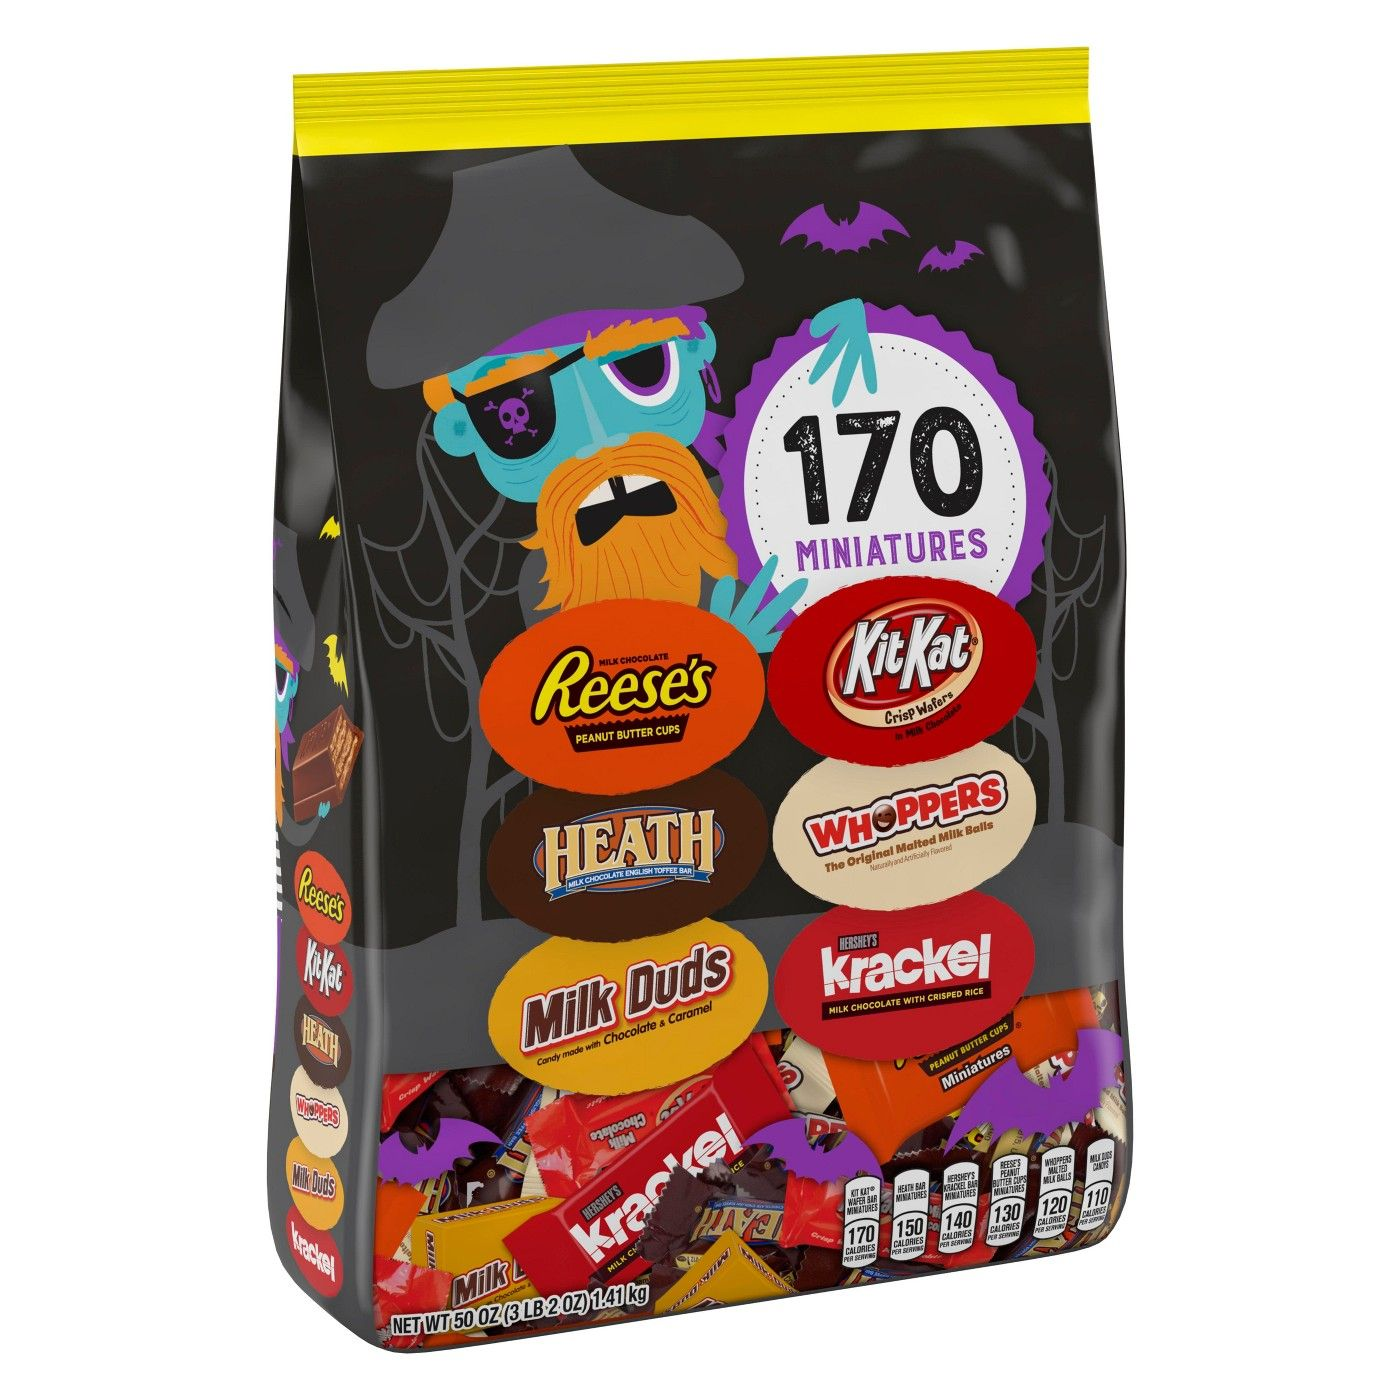 Reese's, Heath, Milk Duds, Kit Kat, Whoppers, and Krackel